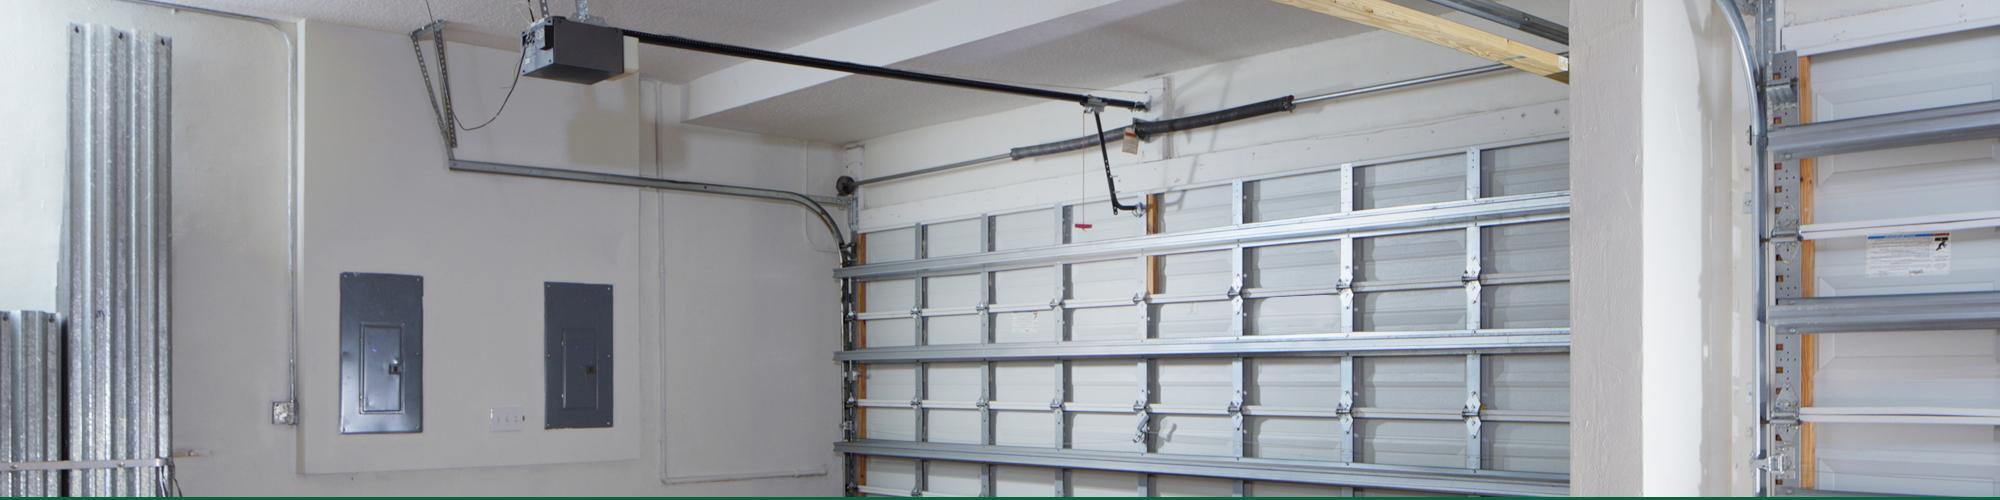 Garage door openers in houston tx prompt repair replacement rubansaba